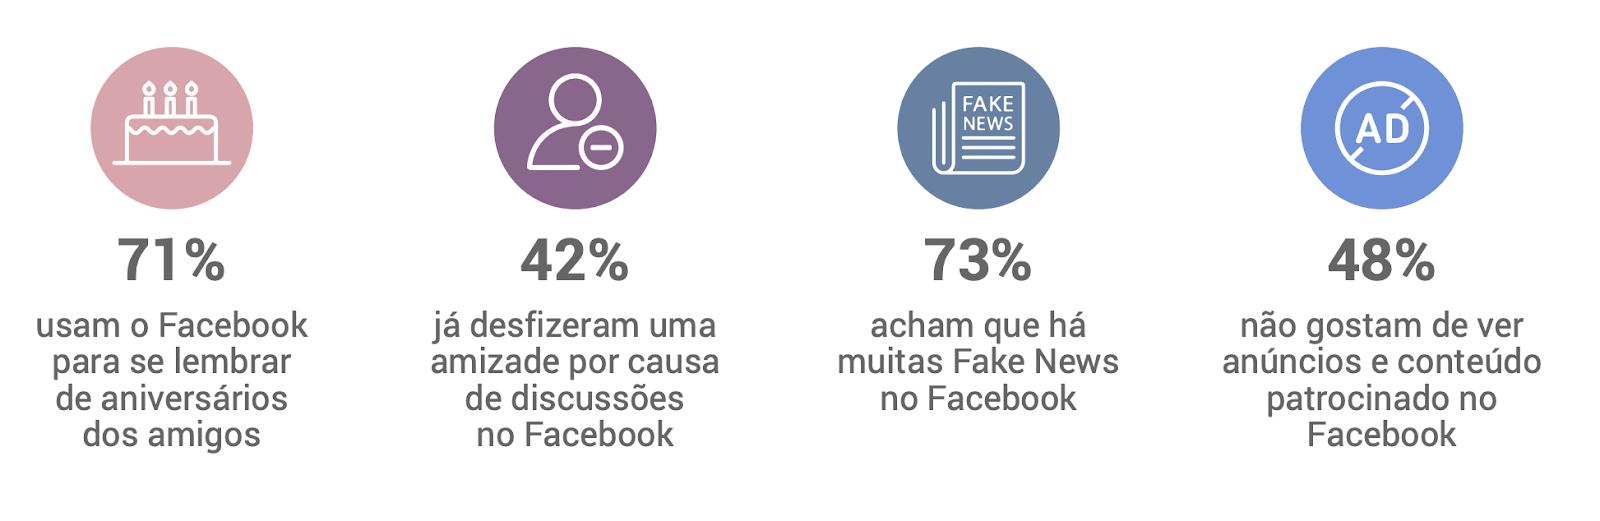 opinioes sobre o Facebook no Brasil 2 - Facebook no Brasil: veja o que os usuários pensam sobre a rede social